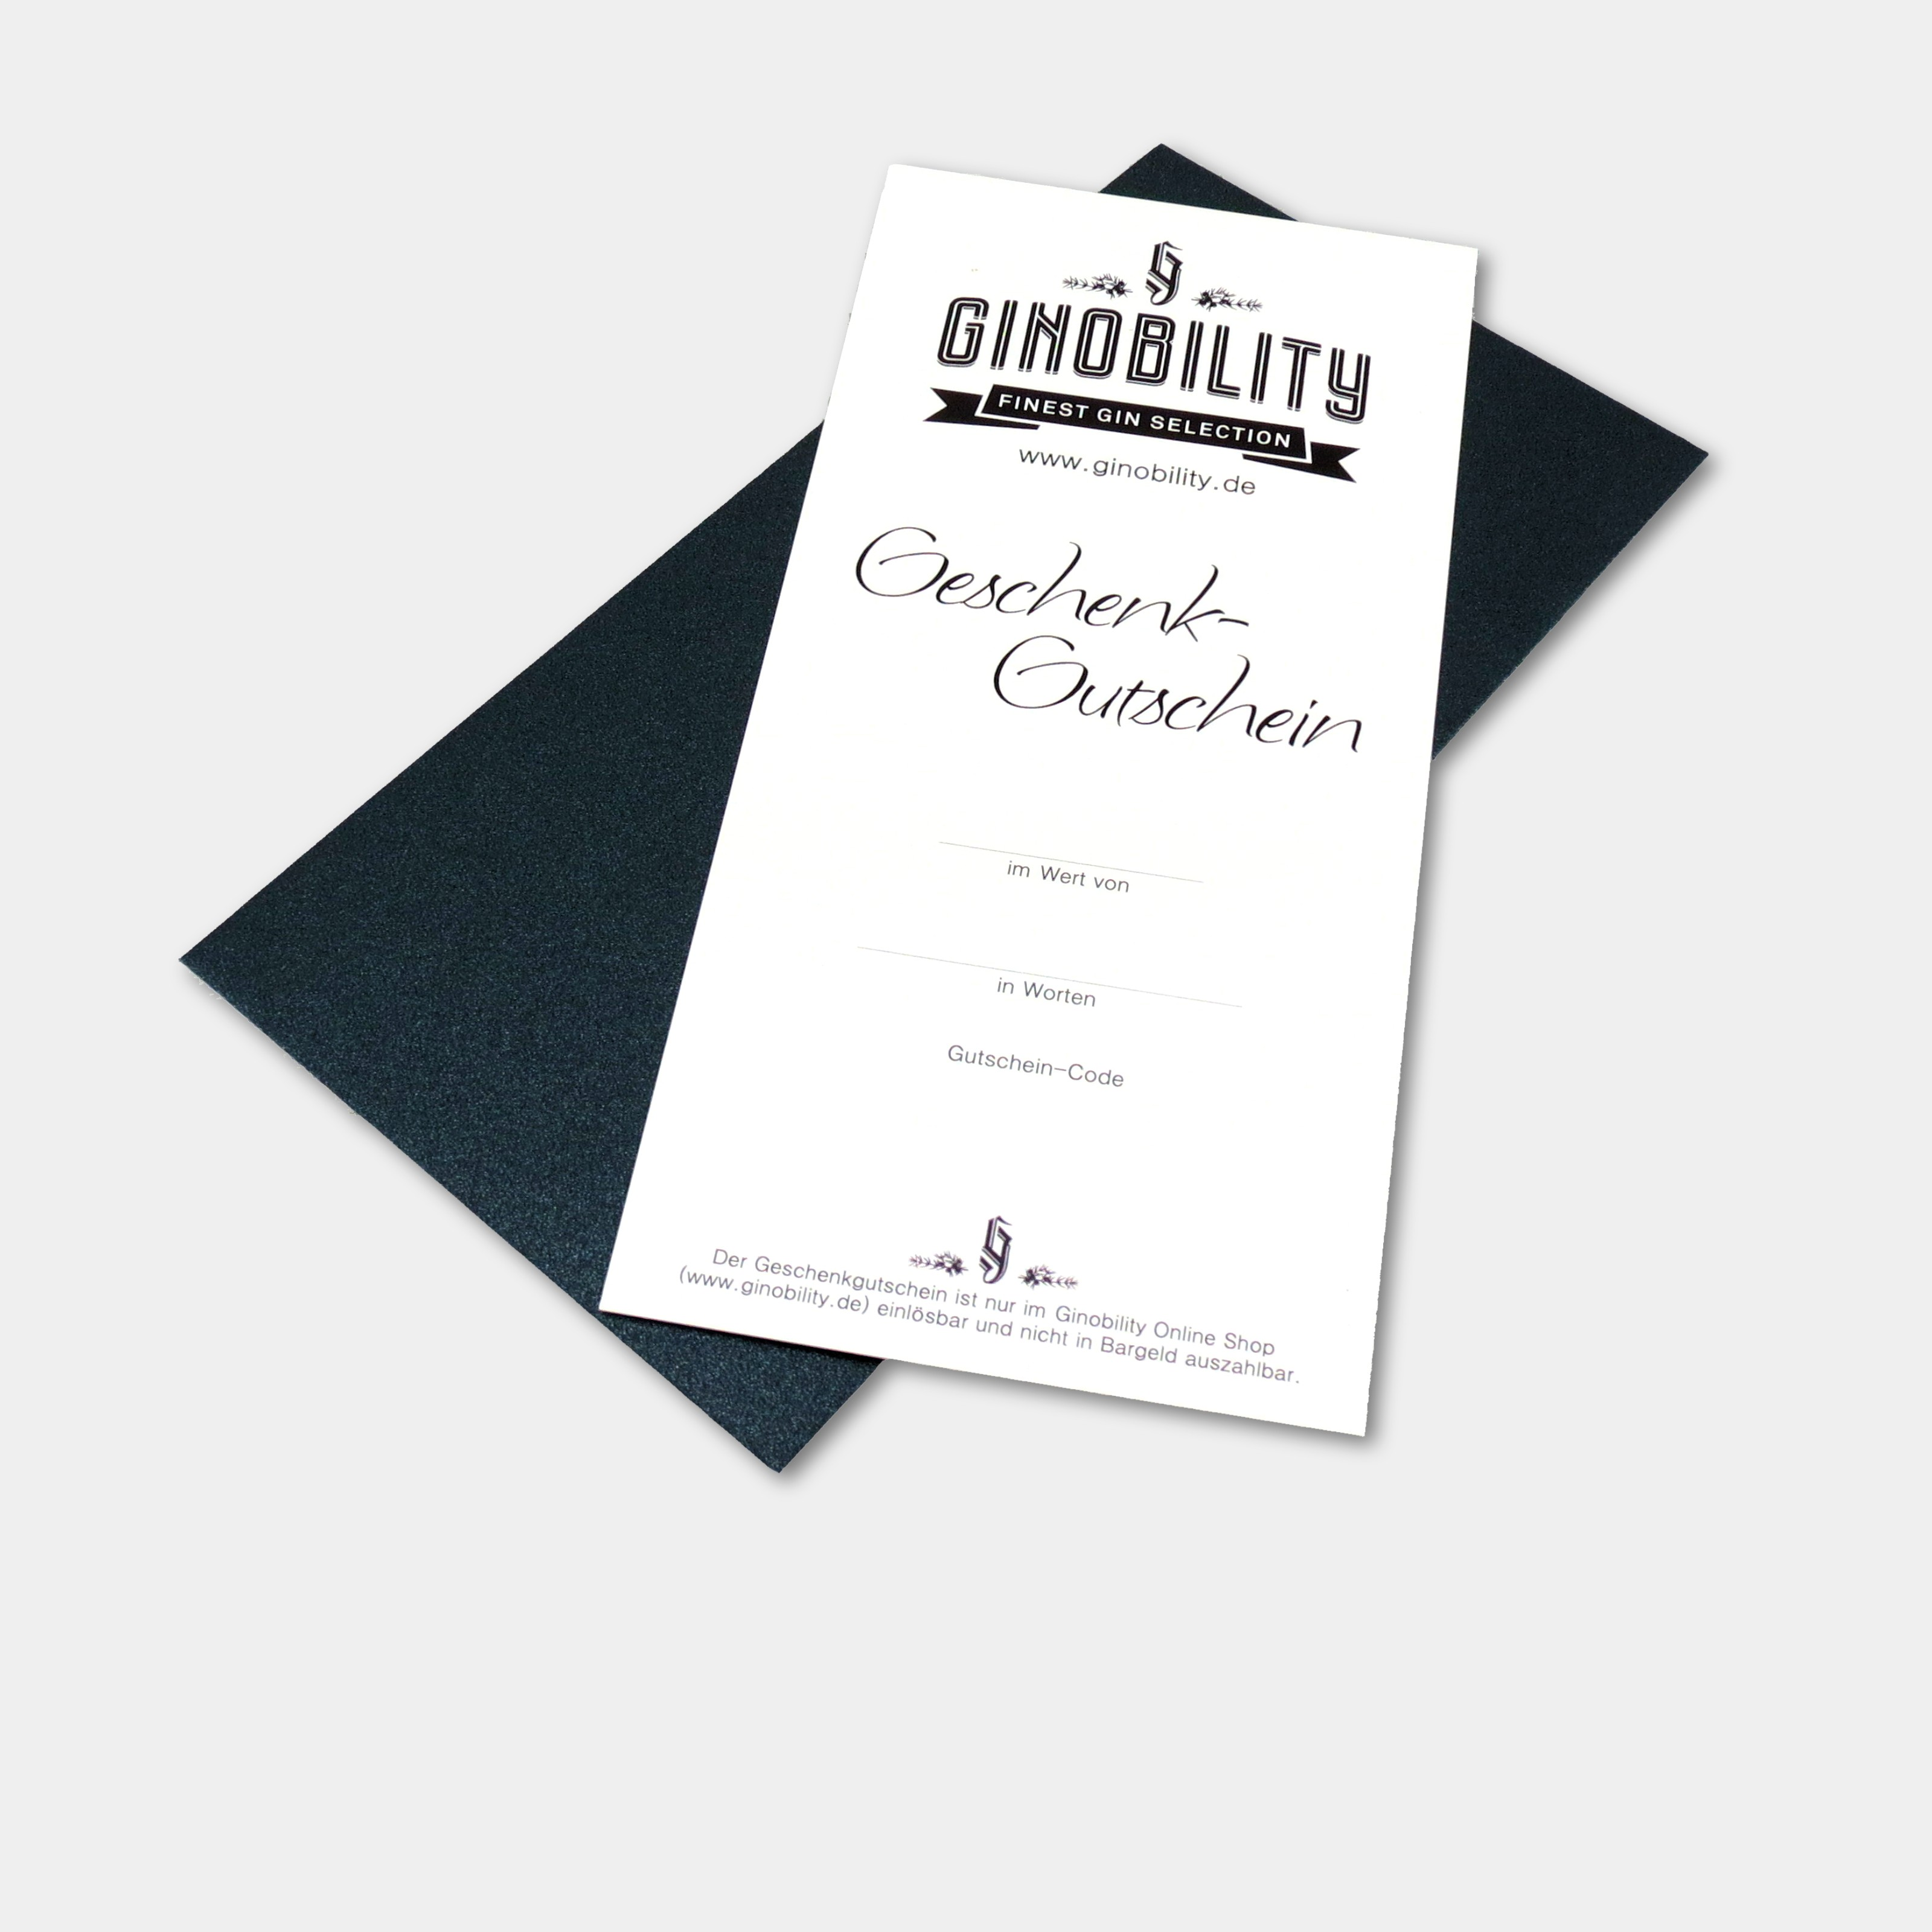 Ginobility Geschenk-Gutschein